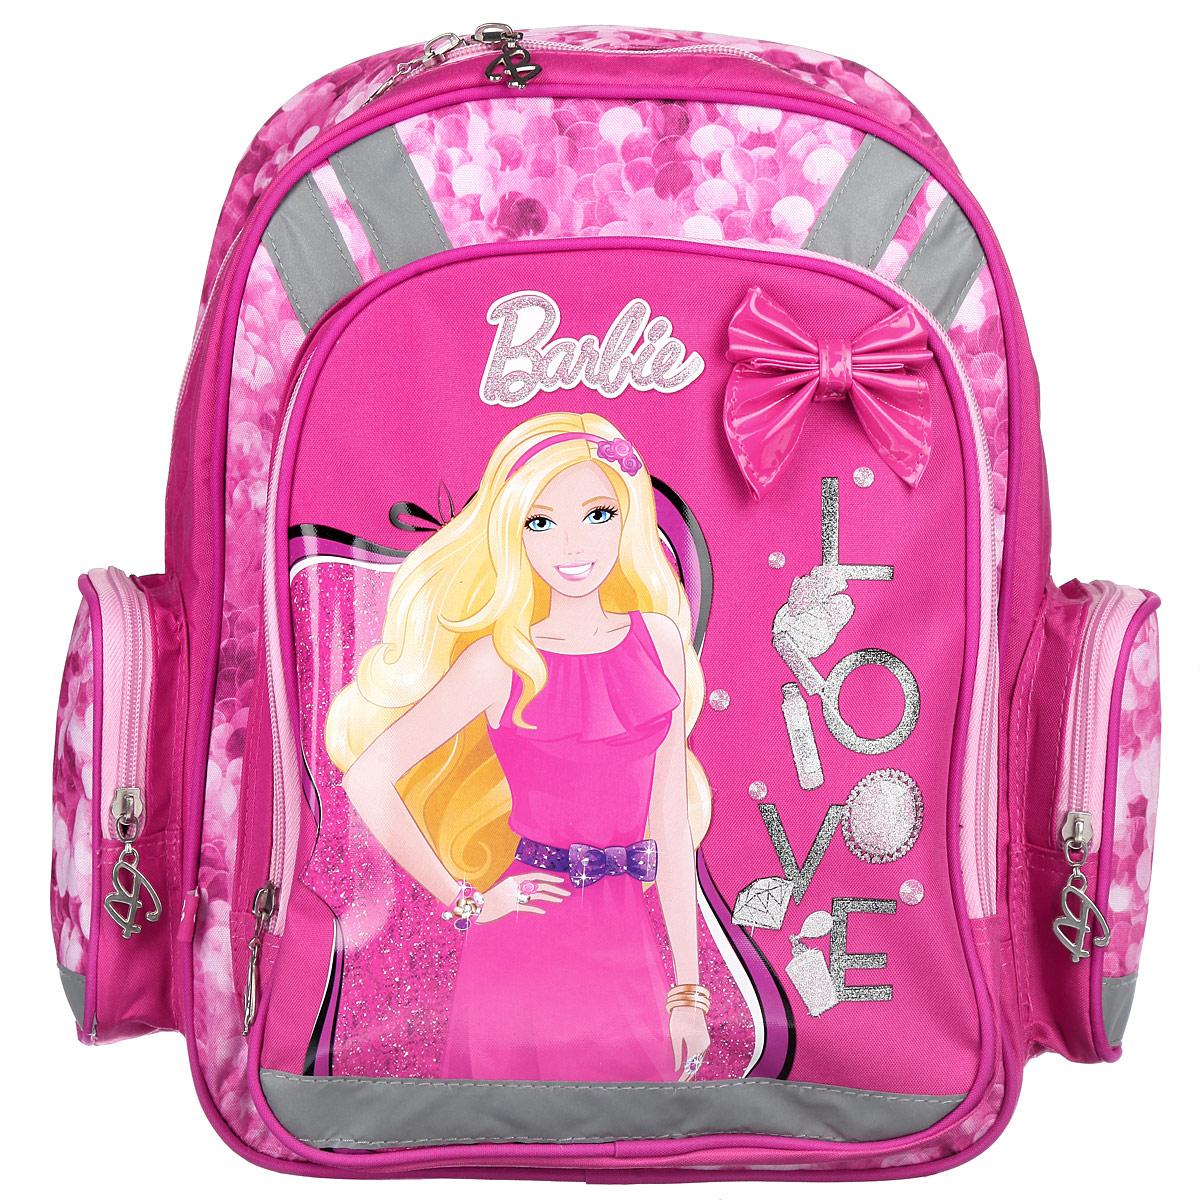 Рюкзак школьный Barbie, цвет: розовый, сиреневый. BRBB-RT2-83672523WDШкольный рюкзак Barbie привлечет внимание вашей школьницы. Выполнен из современных водонепроницаемых, износостойких материалов и оформлен изображением куклы Барби.Содержит вместительное отделение с двумя перегородками, которые позволяют разместить учебные принадлежности формата А4. Дно рюкзака можно сделать жестким, разложив специальную панель с пластиковой вставкой, что повышает сохранность содержимого рюкзака и способствует правильному распределению нагрузки. Лицевая сторона оснащена накладным карманом на молнии. По бокам расположены два накладных кармана также на застежке-молнии. Спинка выполнена с использованием вставки из эластичного упругого материала и специально расположенных элементов, служащих для правильного и безопасного распределения нагрузки на спину ребенка. Лямки рюкзака с поролоном и воздухообменной сеткой регулируются по длине, обеспечивая комфорт при ношении рюкзака. Изделие оснащено Рюкзак оснащен эргономичной ручкой для удобной переноски в руке. Светоотражающие элементы обеспечивают безопасность в темное время суток.Многофункциональный школьный рюкзак станет незаменимым спутником вашего ребенка в походах за знаниями.Рекомендуемый возраст: от 7 лет.